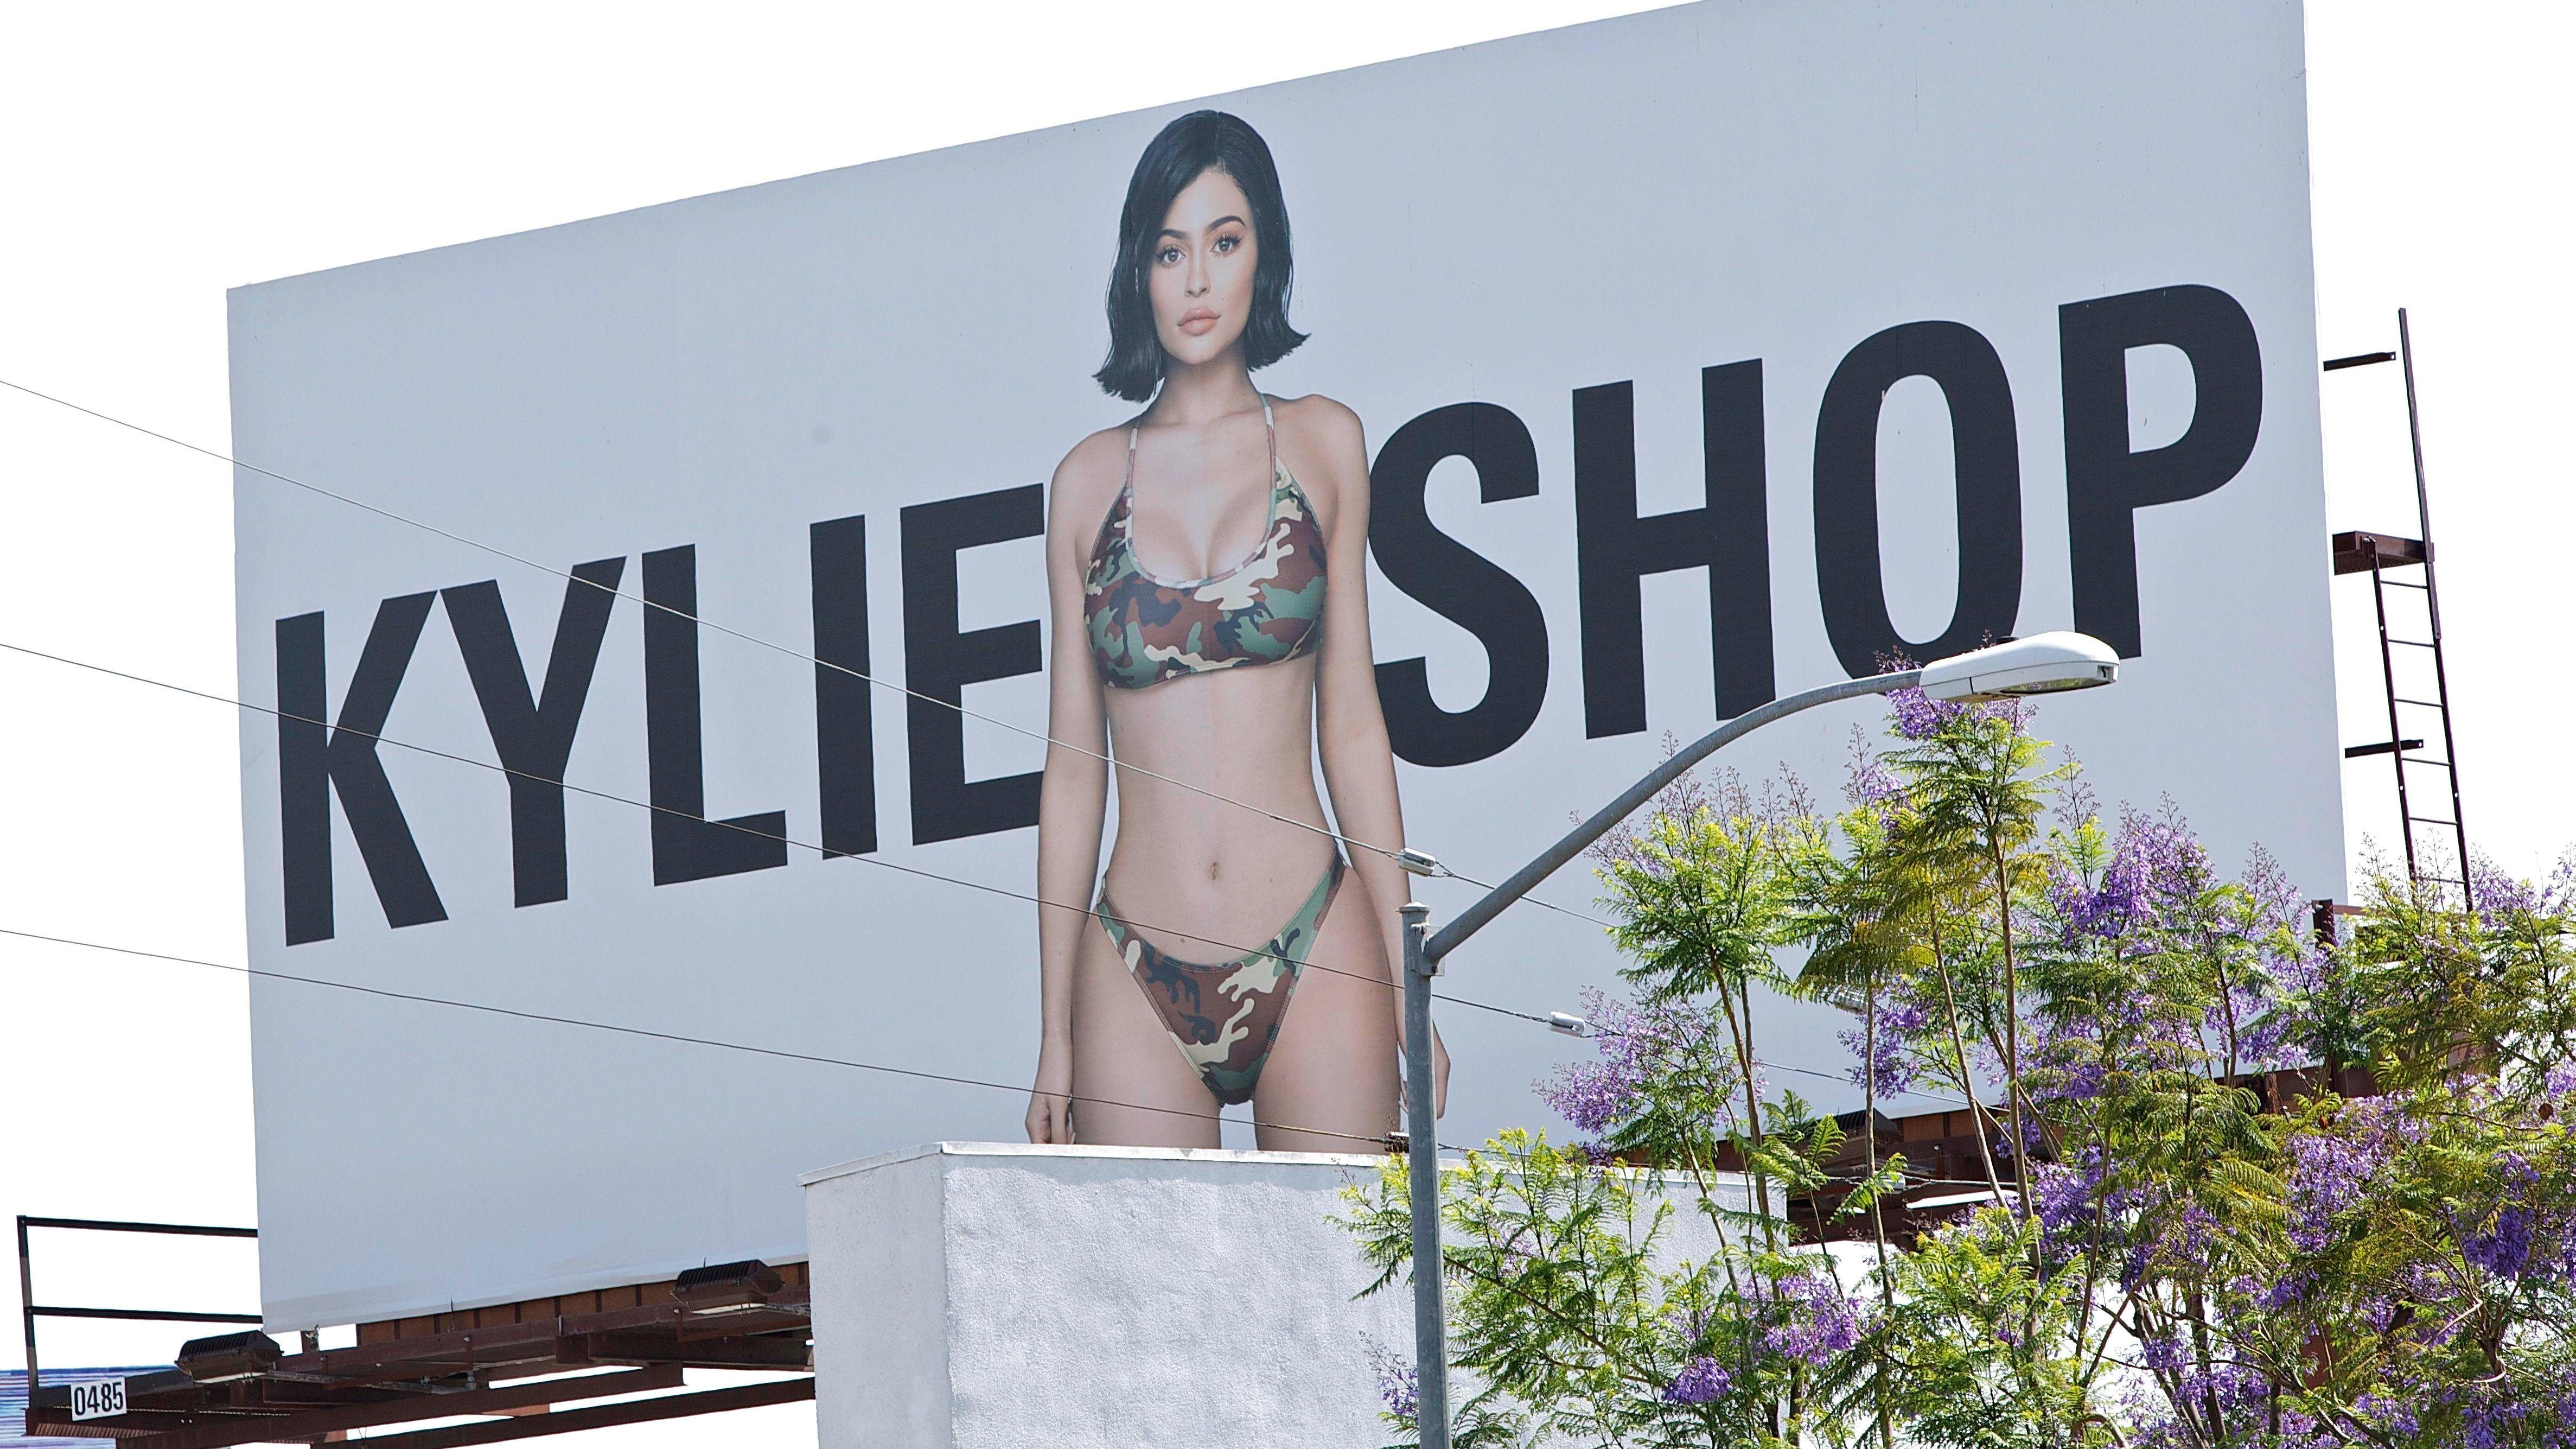 BLIR STYRTRIK: Kylie Jenner tjener enorme summer via sin nettbutikk. I 2015 startet hun Kylie Cosmetics sammen med moren Kris Jenner.